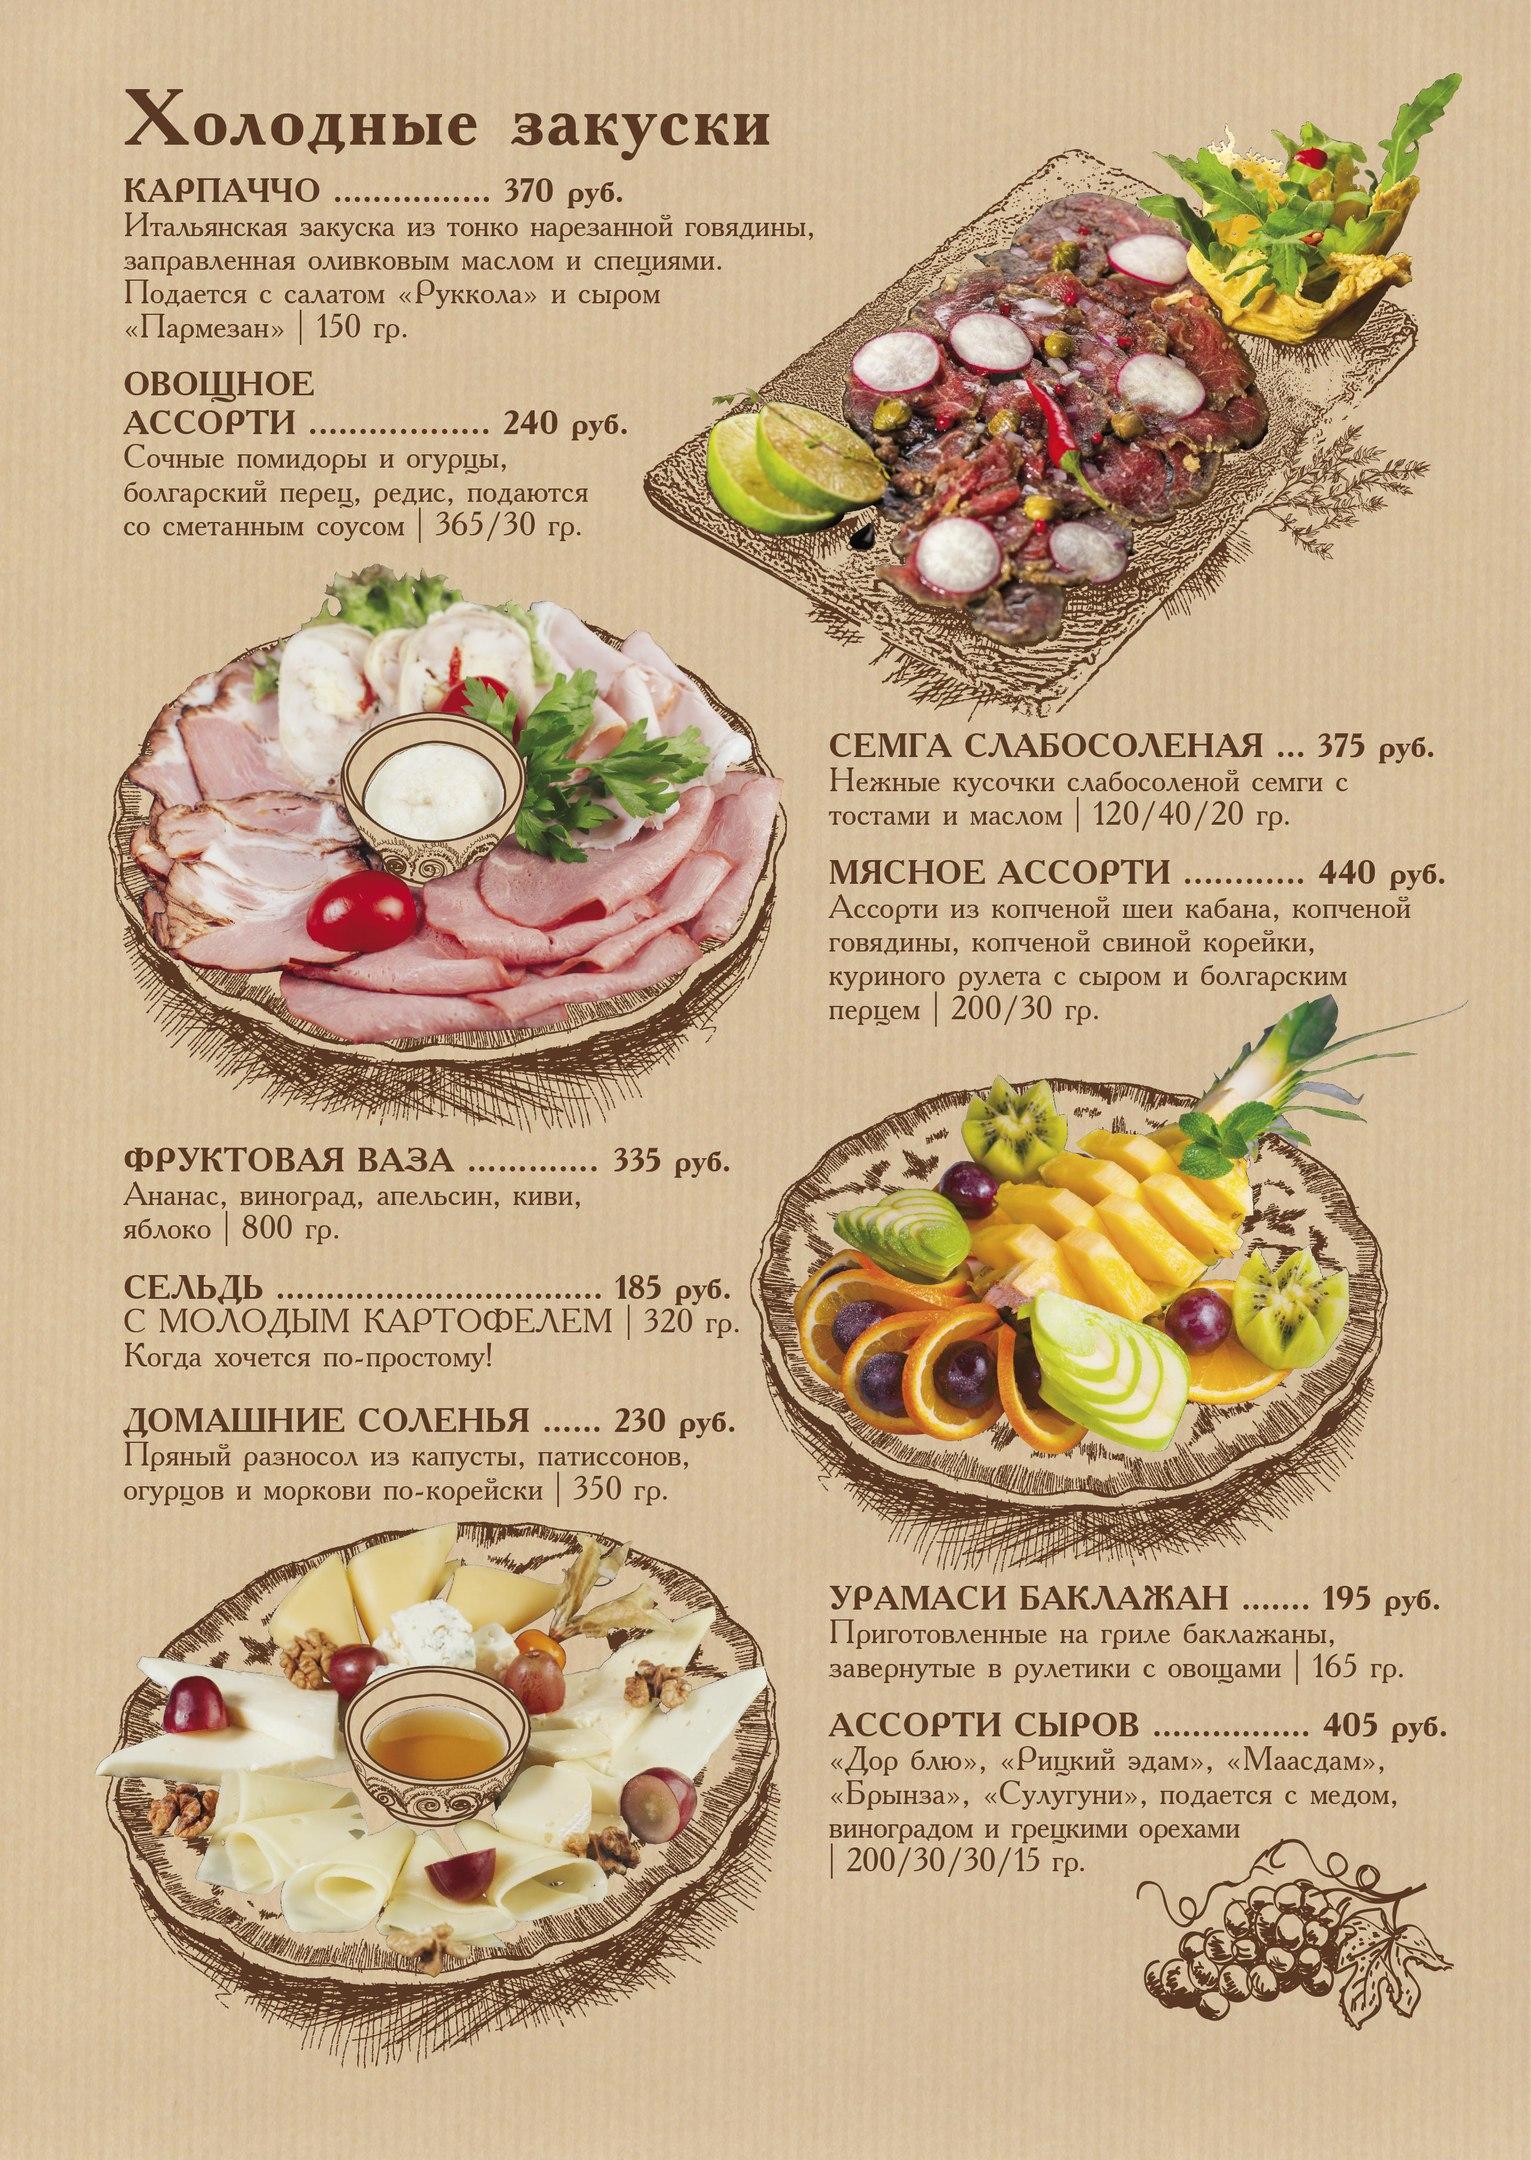 Как правильно готовить варенье вишневое